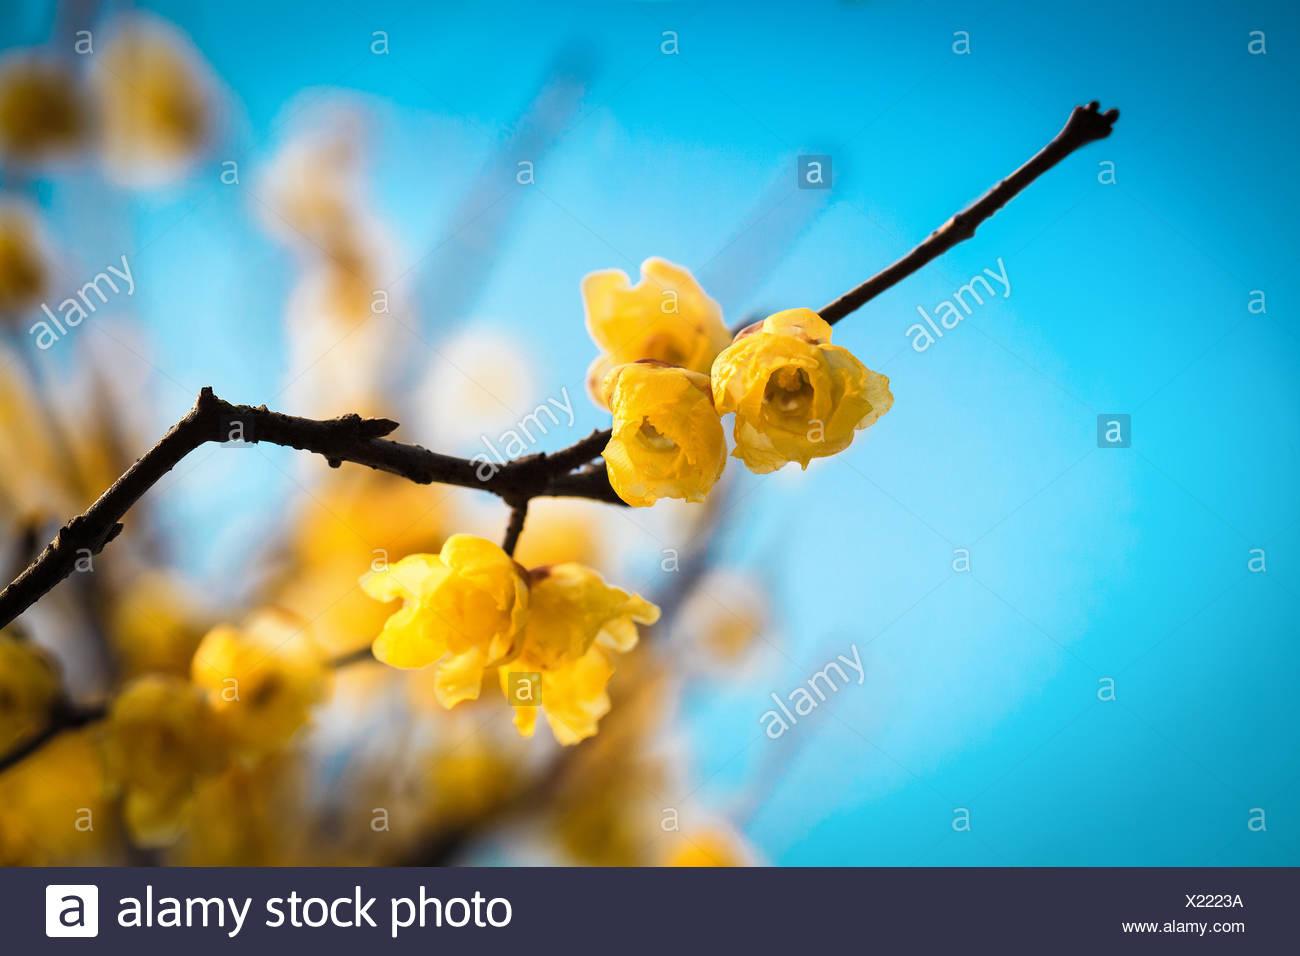 wintersweet twig - Stock Image